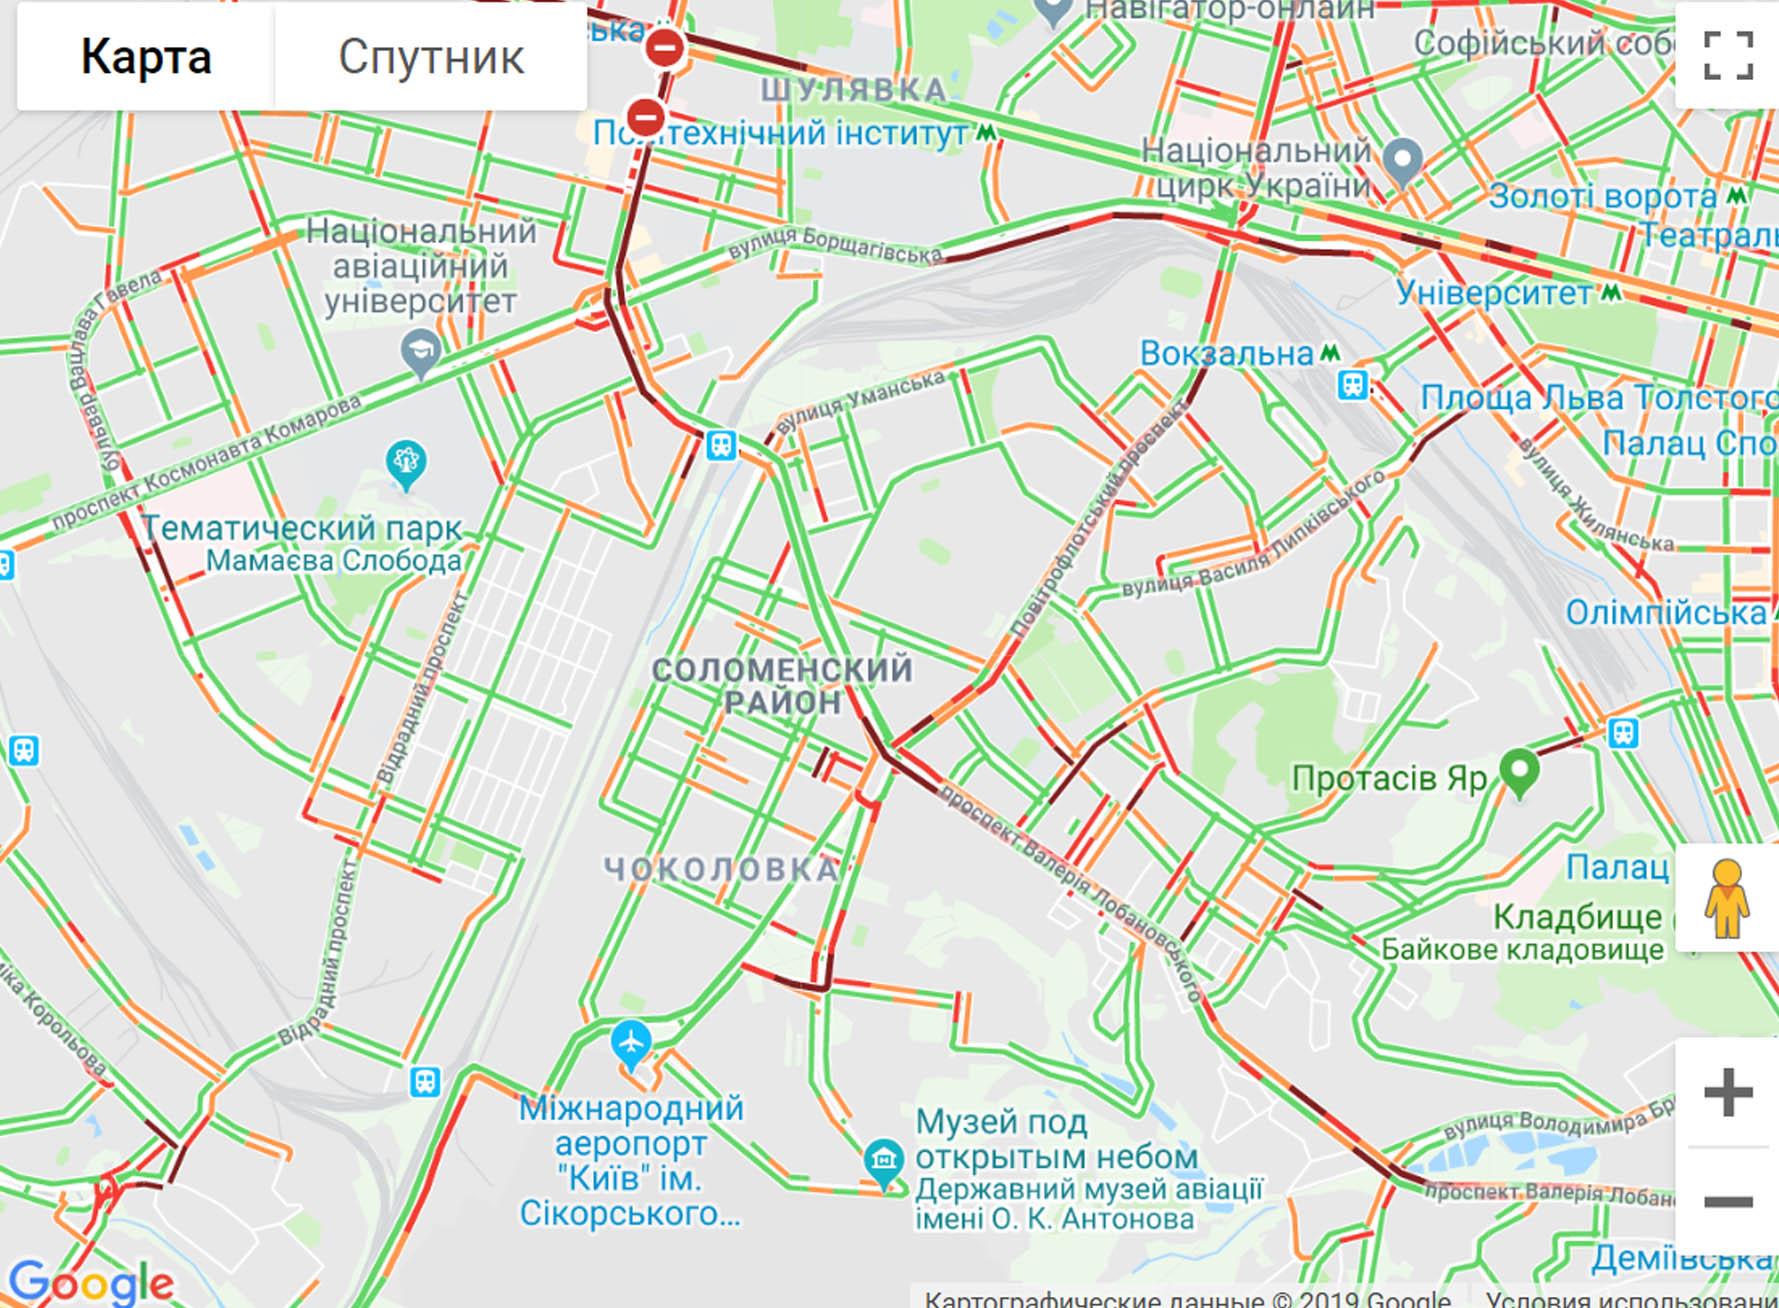 """Затори в Києві: які вулиці """"зупинилися"""" -  - 3476e"""